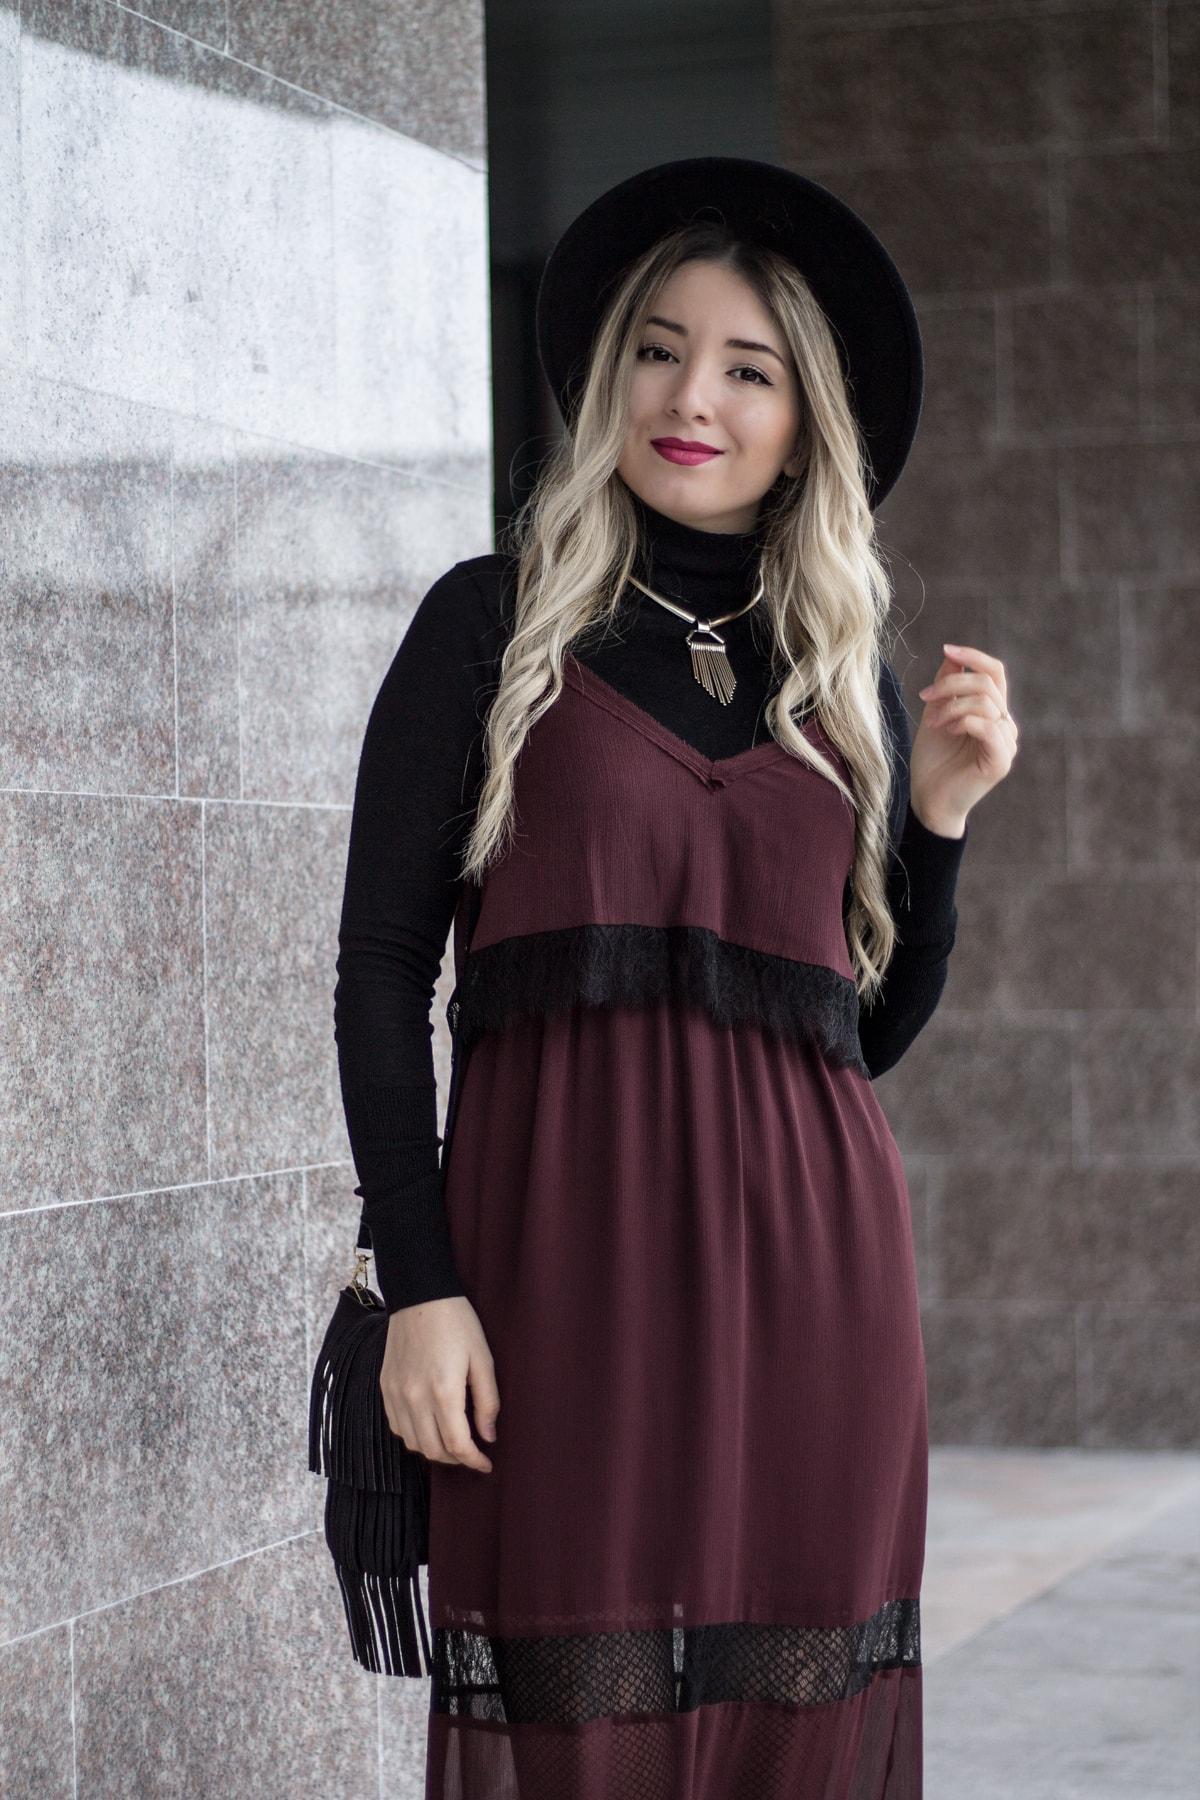 Andreea Ristea - cum purtam rochia furou toamna? Tendinte in moda toamna 2016